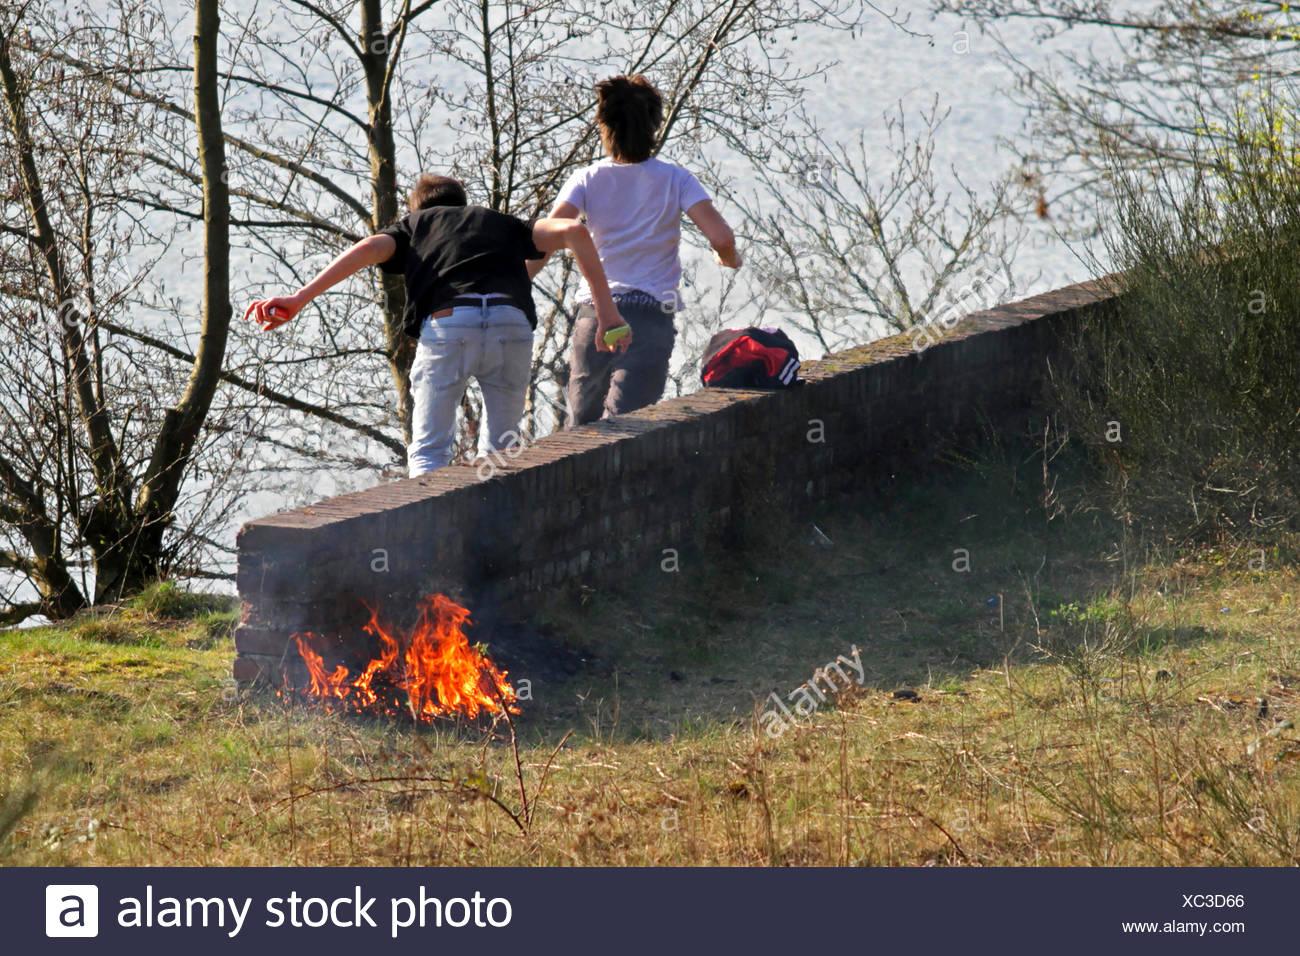 Jugendliche Entfachen Ein Feuer Und Ergreifen sterben Flucht, um Sich Einer Bestrafung Zu Entziehen, Deutschland | Teenager fanning die Stockbild